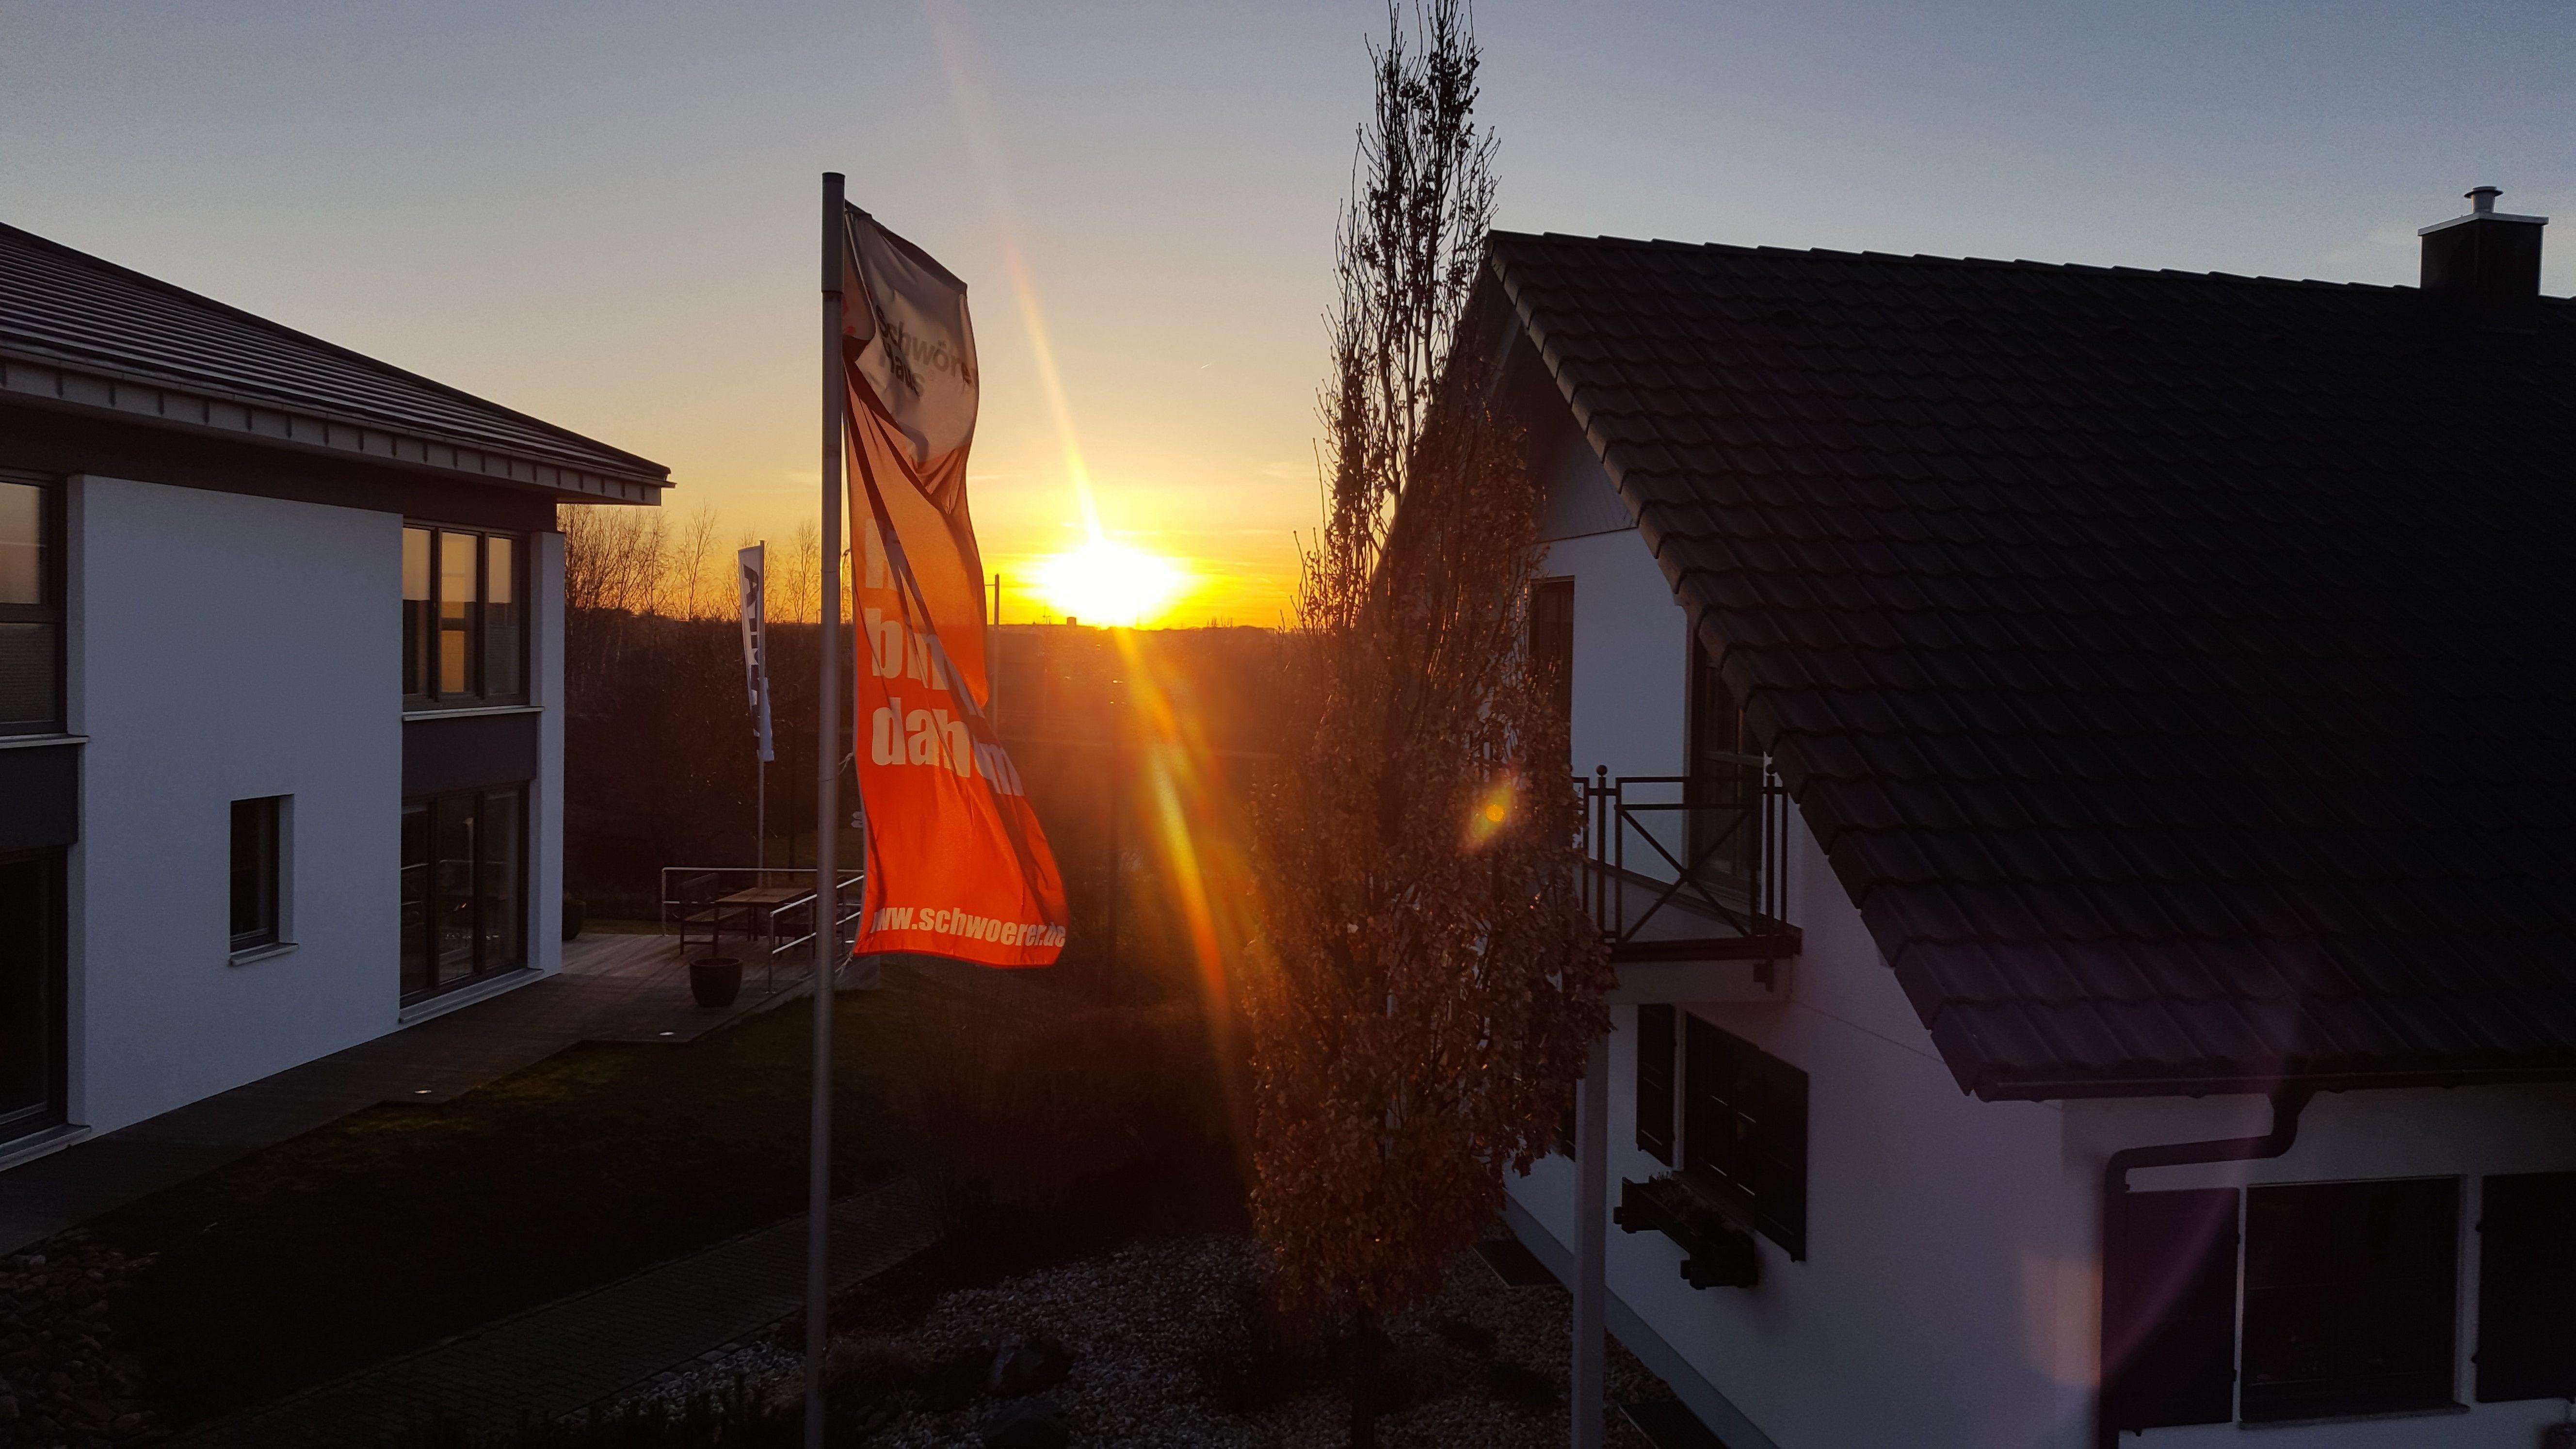 Romantischer Sonnenuntergang bei den Musterhäusern von